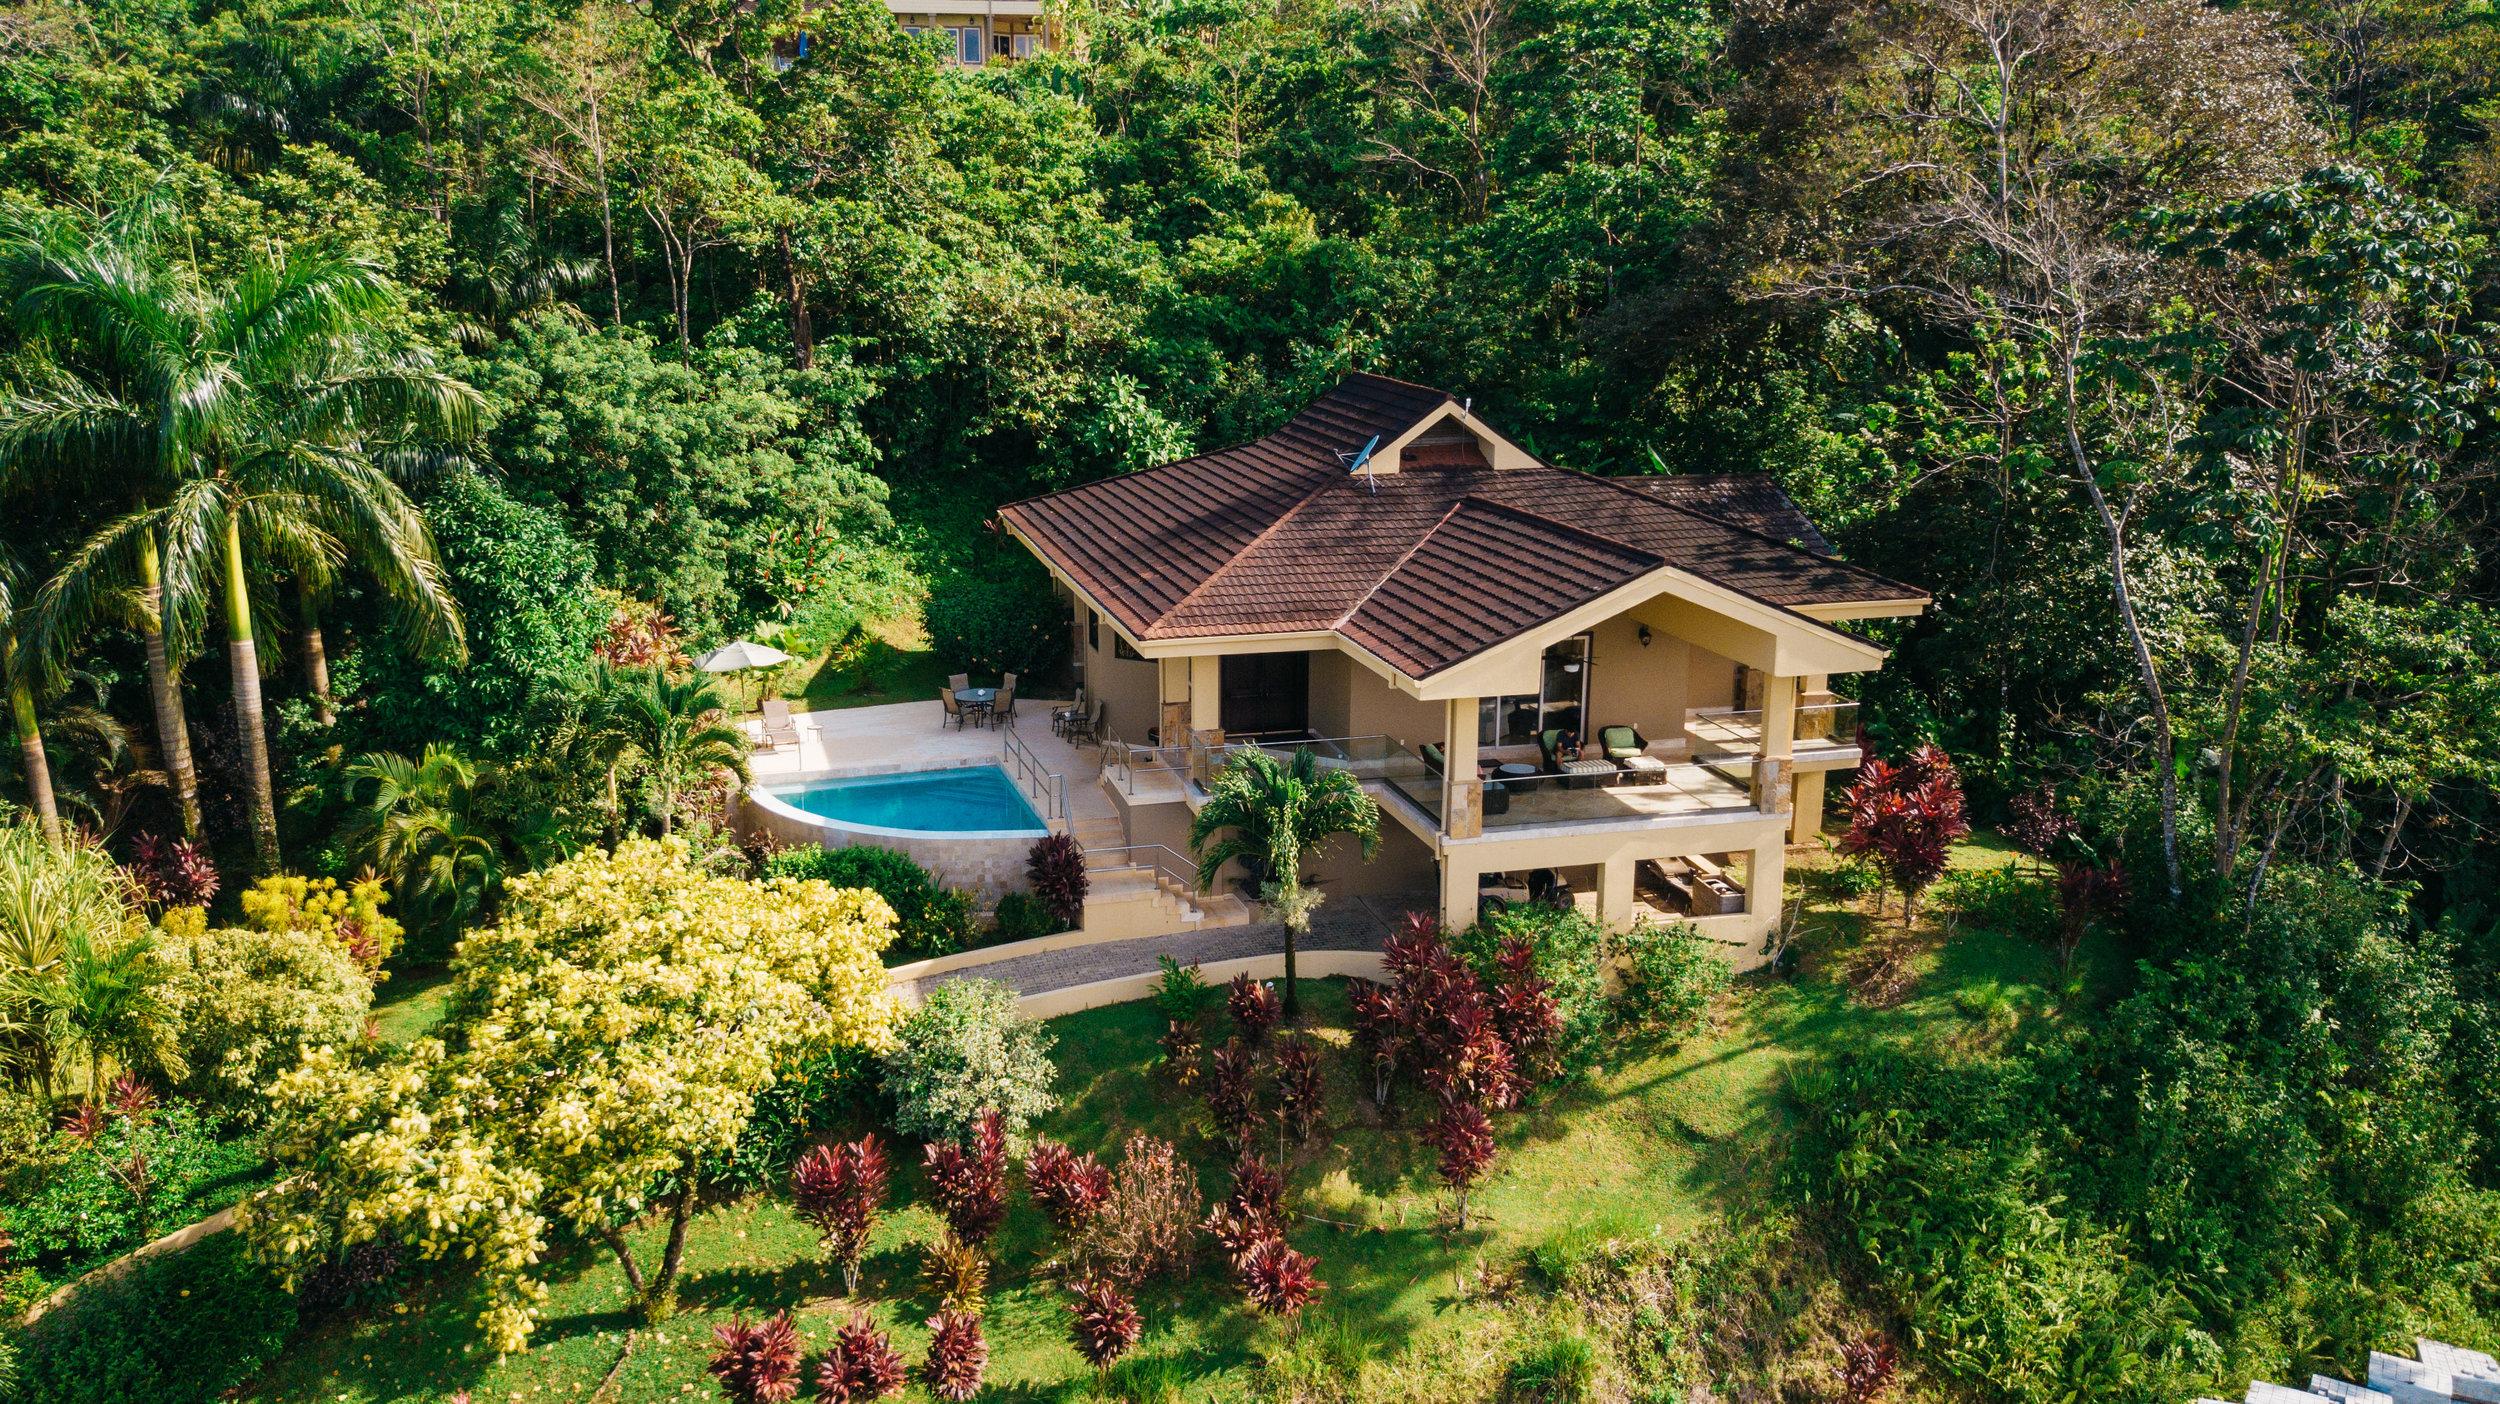 Villa_28_Drone_DuarteDellarole-1.jpg